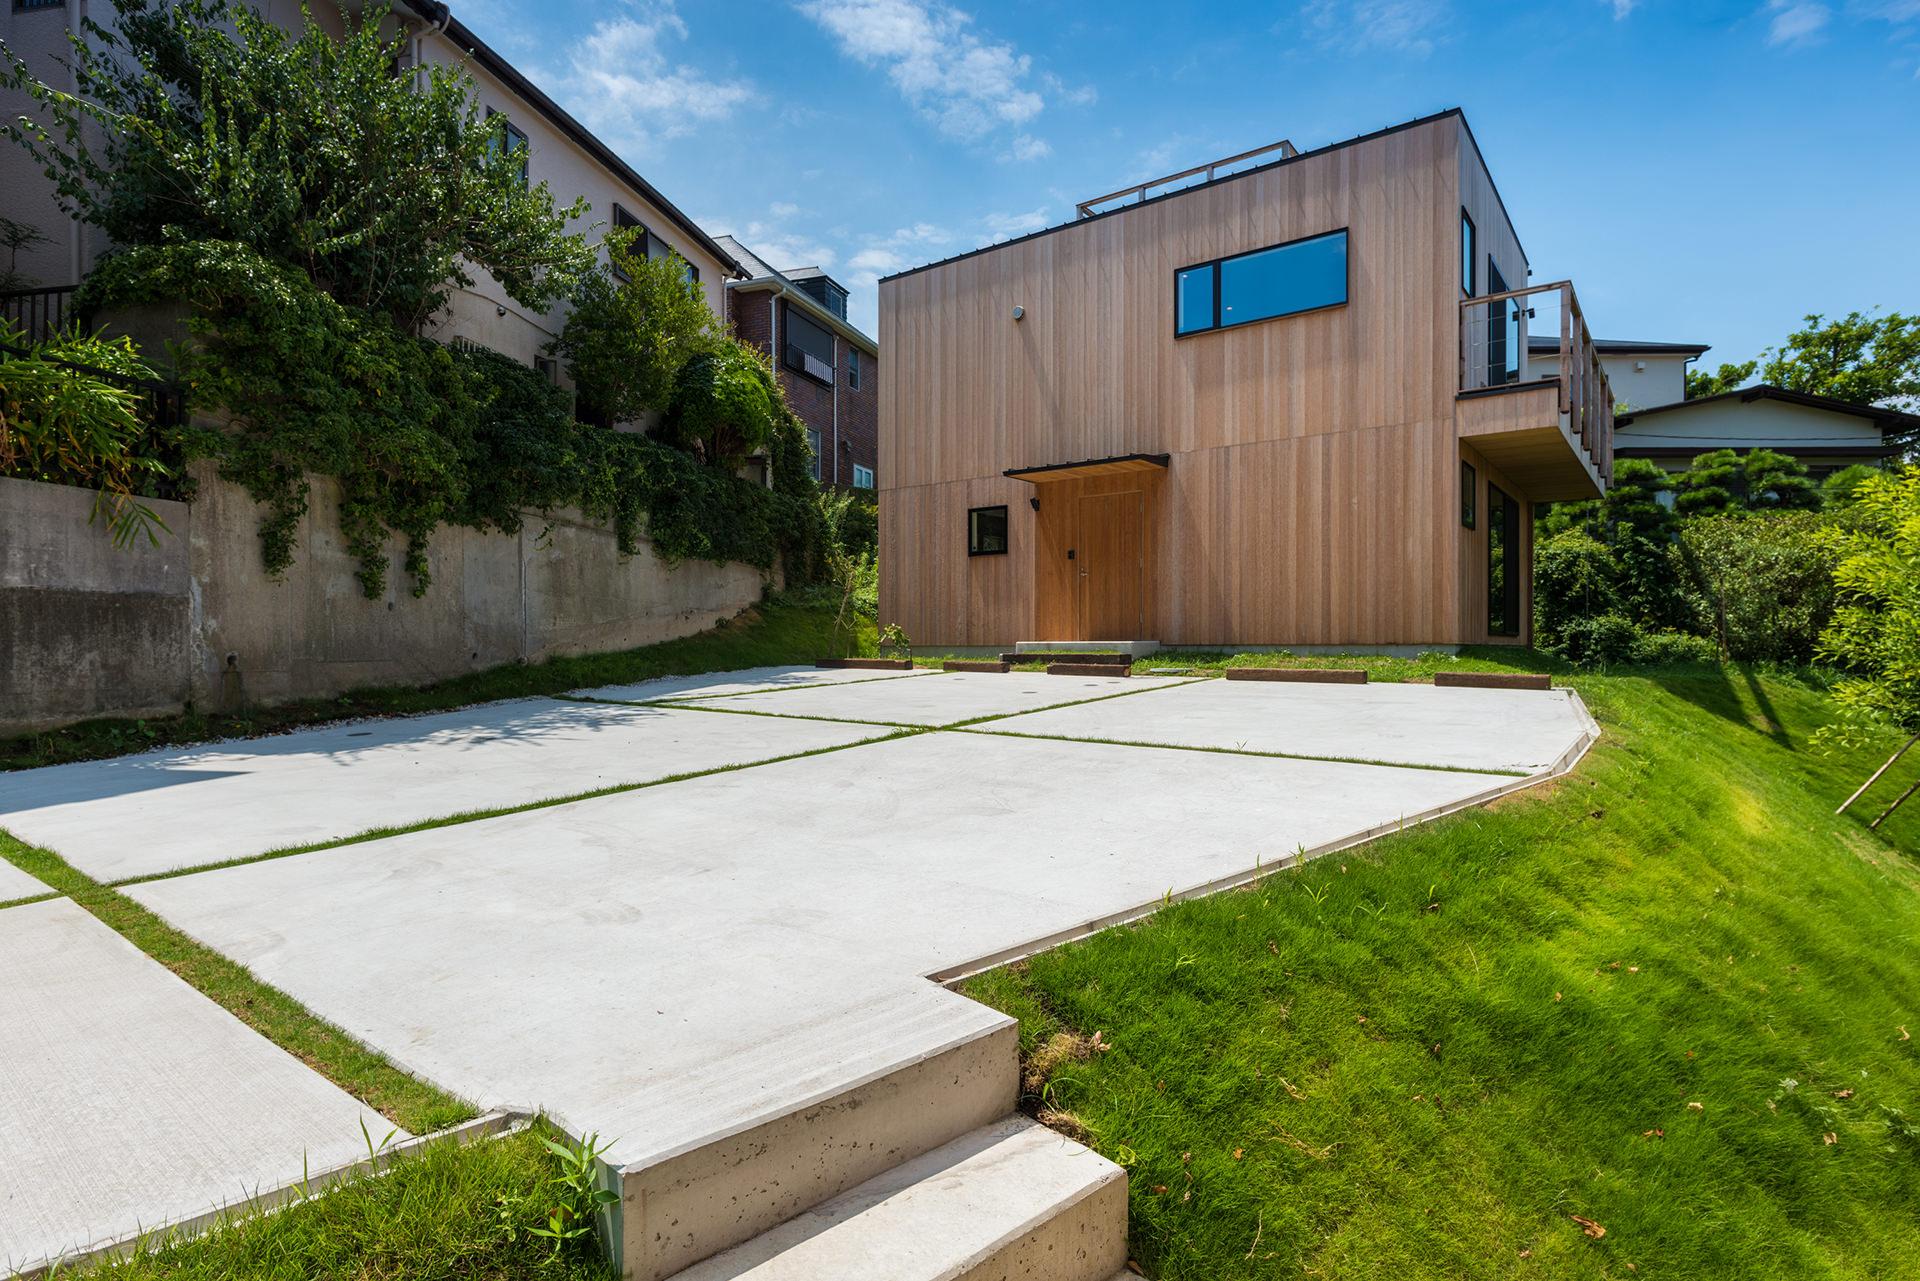 水平線が見える芝生の家 イメージ01 撮影:東涌宏和